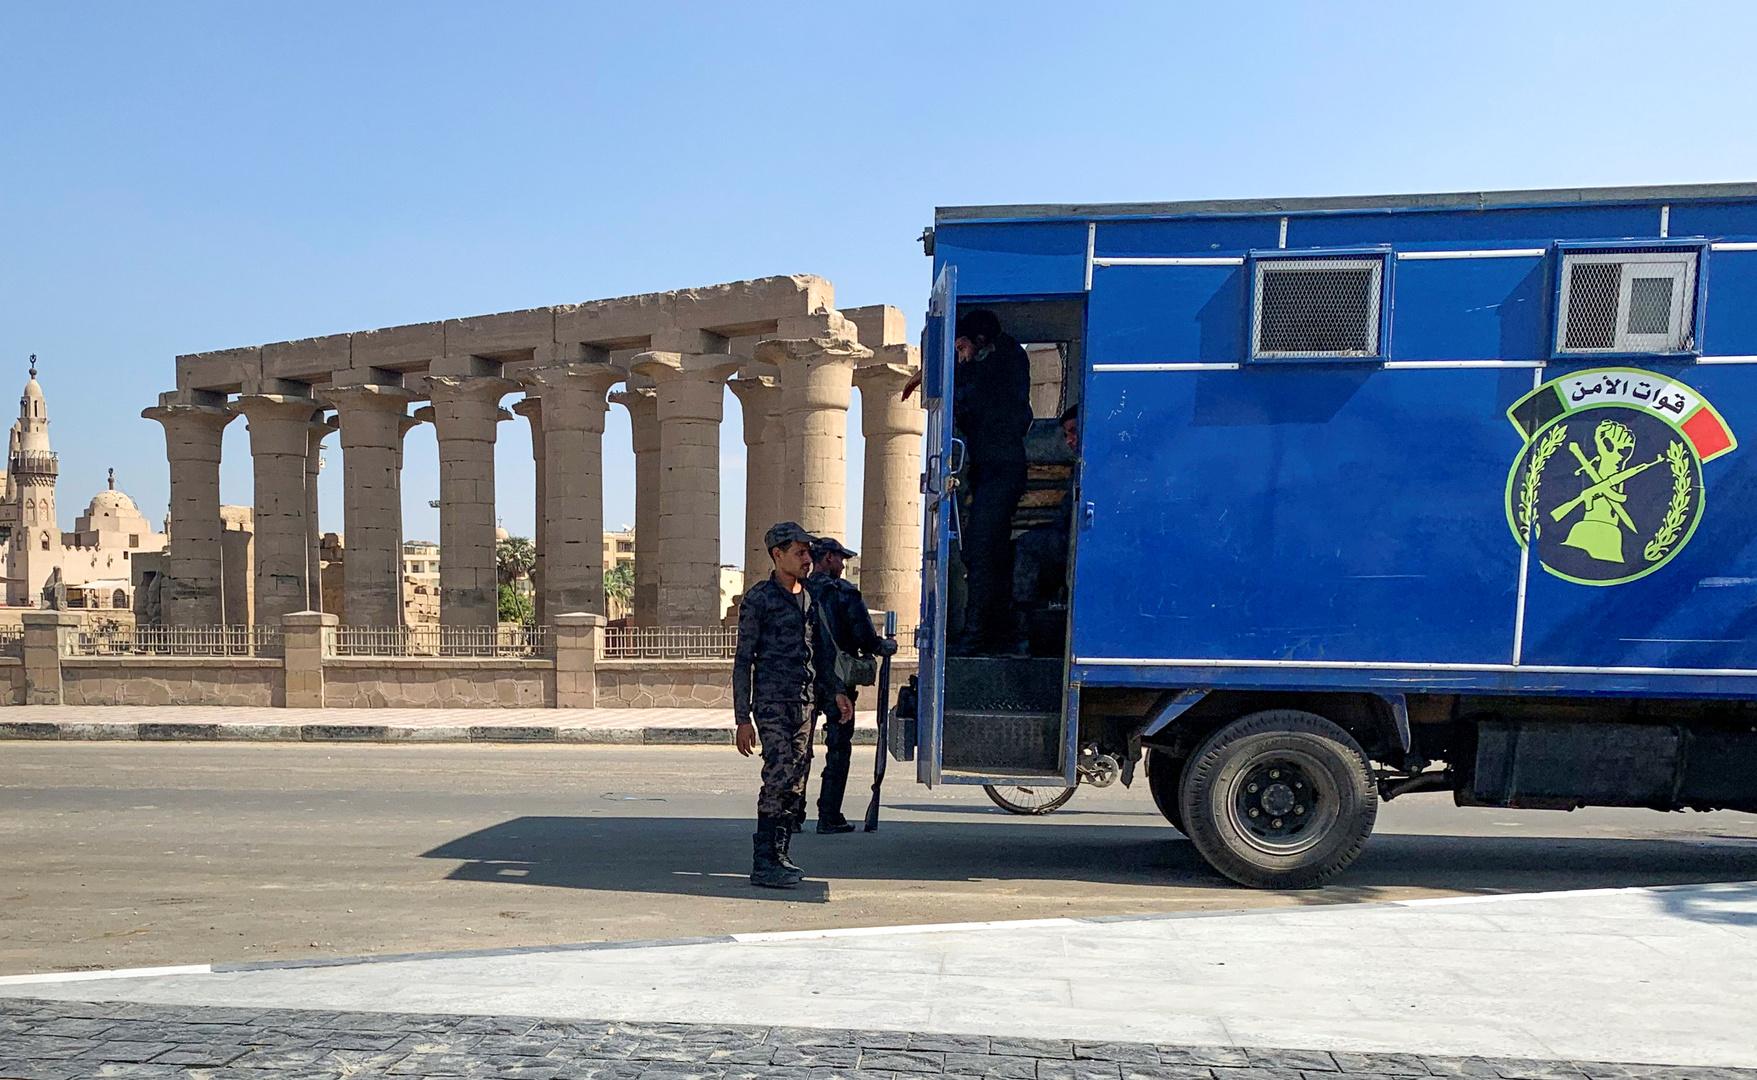 الأمن المصري يكشف حقيقة إحالة ضابط شرطة وآخرين للمحاكمة بتهمة سرقة سيارة نقل أموال